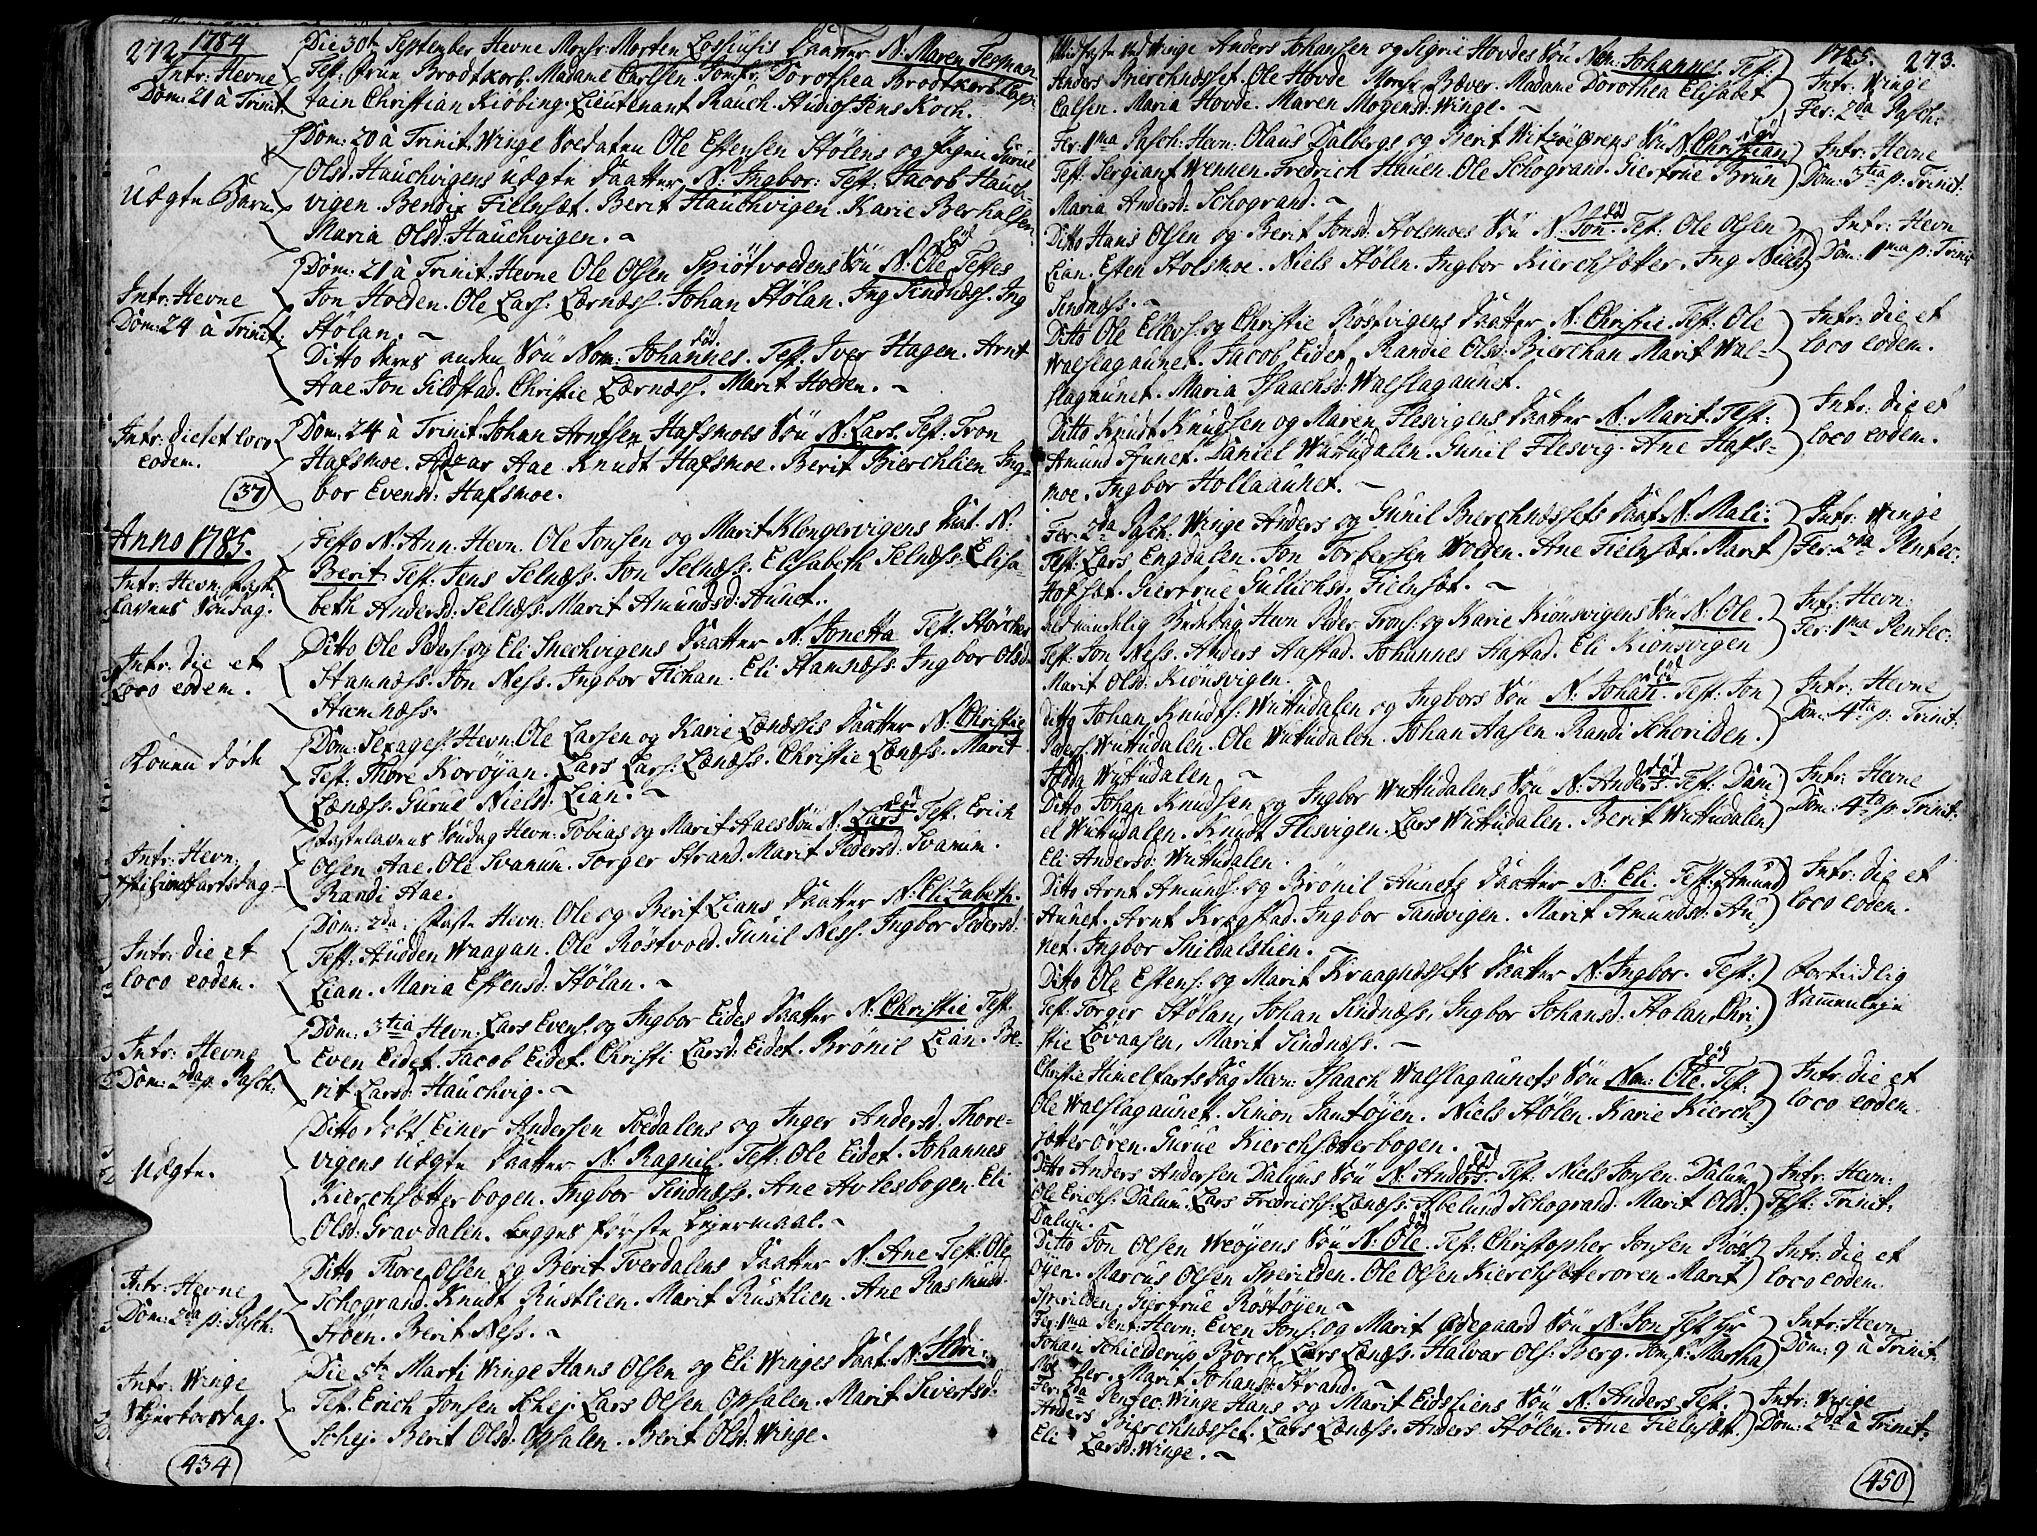 SAT, Ministerialprotokoller, klokkerbøker og fødselsregistre - Sør-Trøndelag, 630/L0489: Ministerialbok nr. 630A02, 1757-1794, s. 272-273